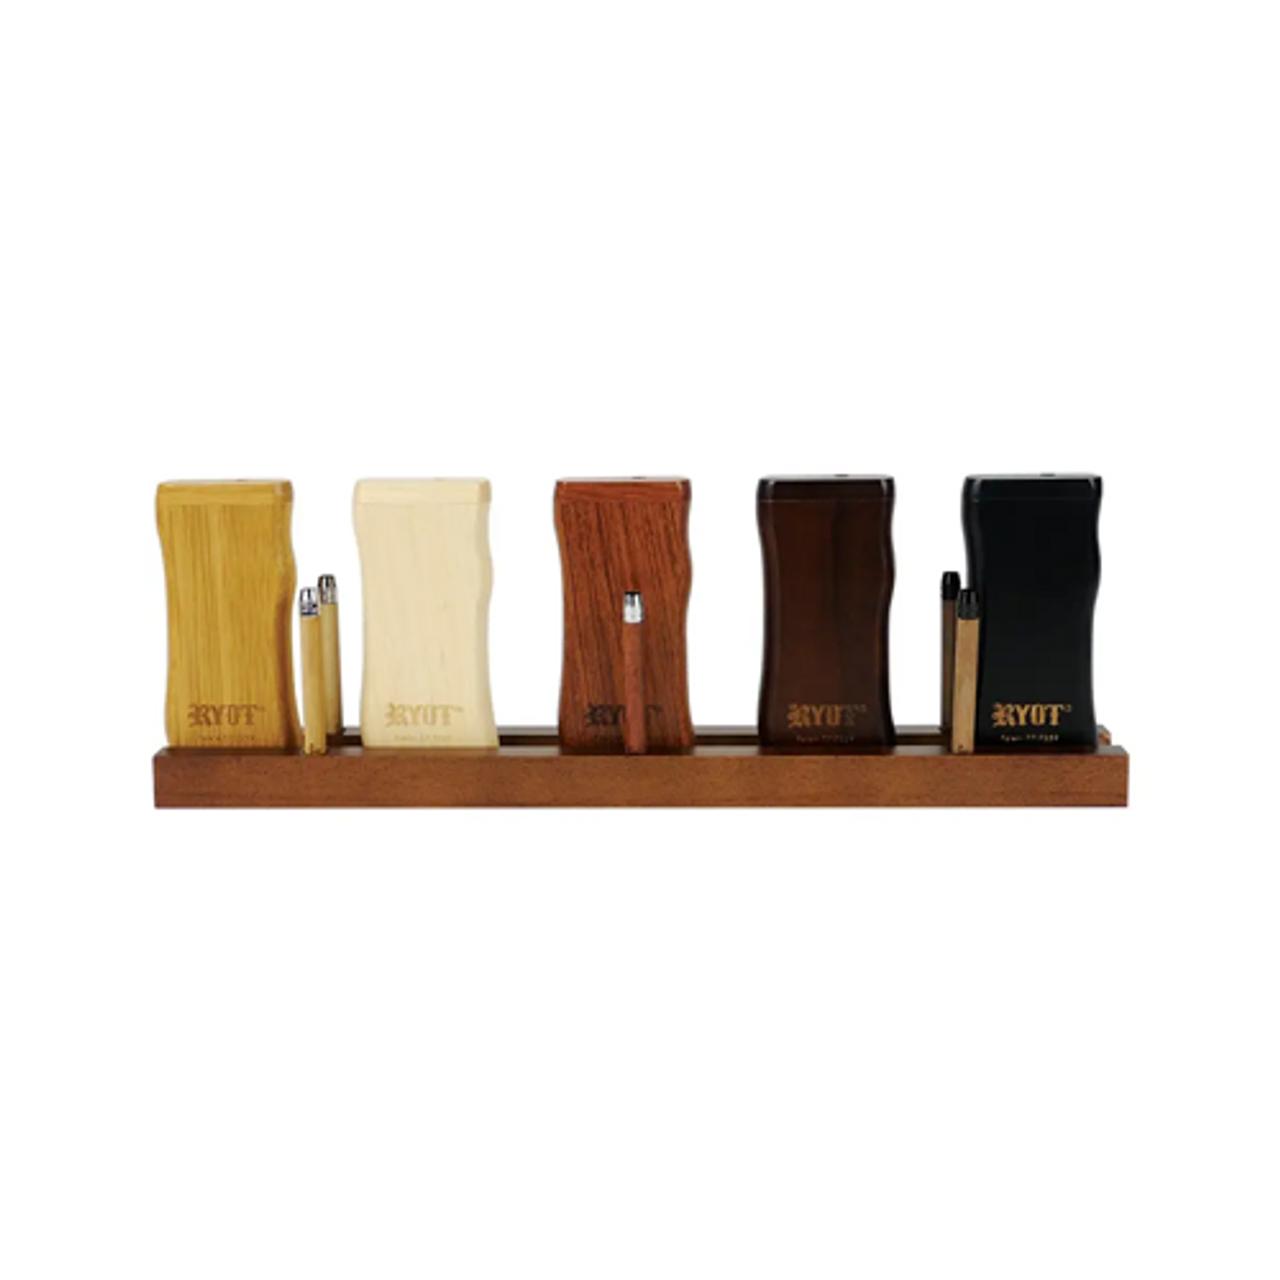 RYOT MPB Taster Box Display Stand